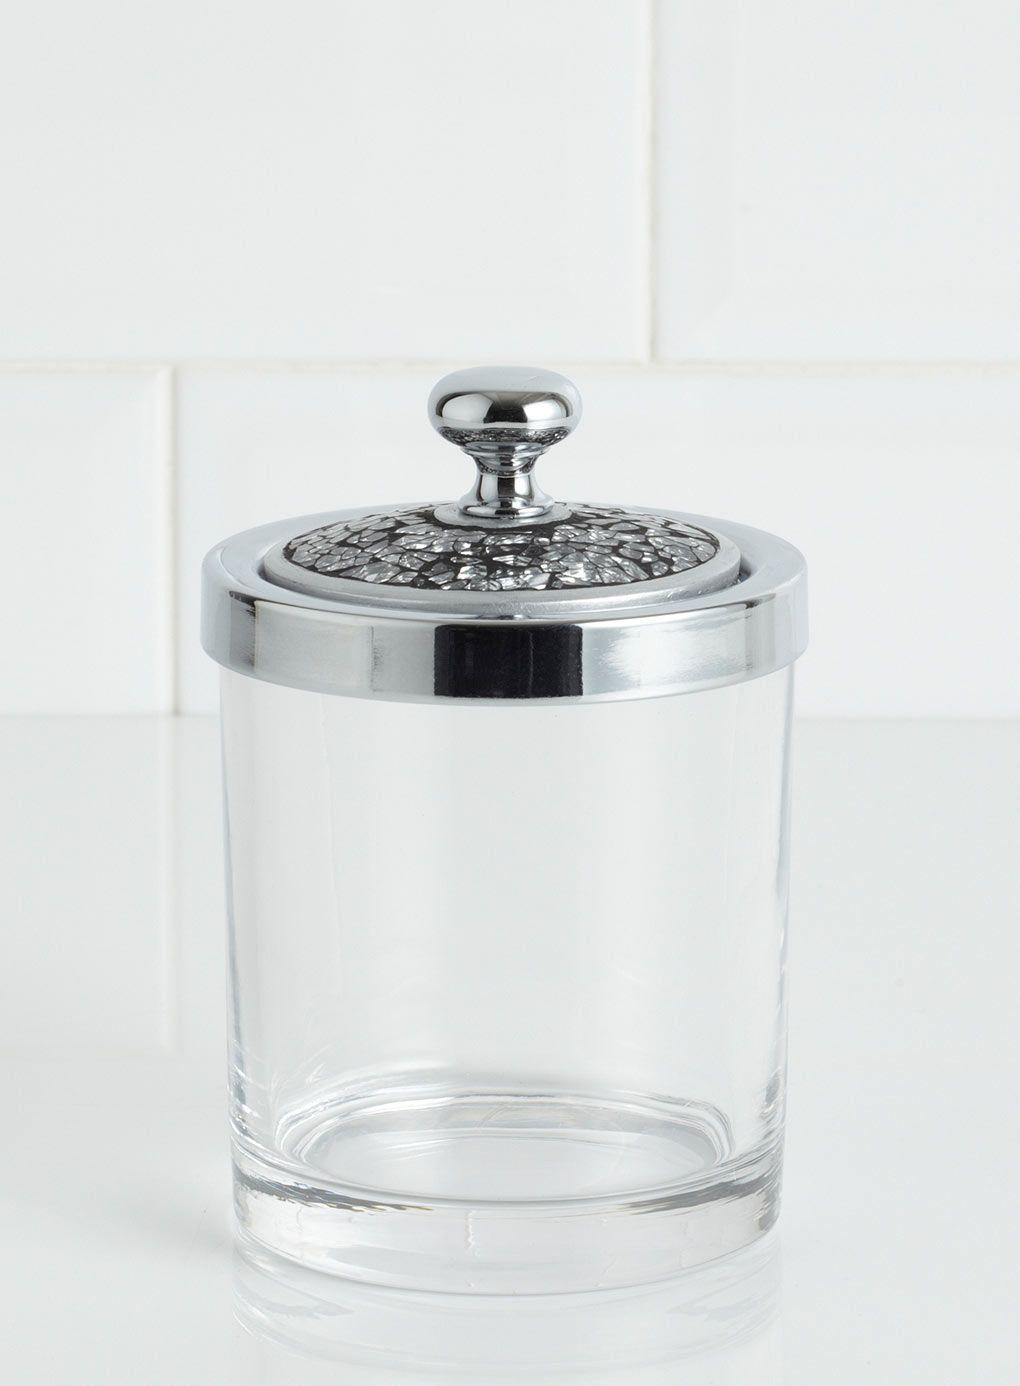 Small Bling Storage Jar - BHS | Jar storage, Bathroom ...